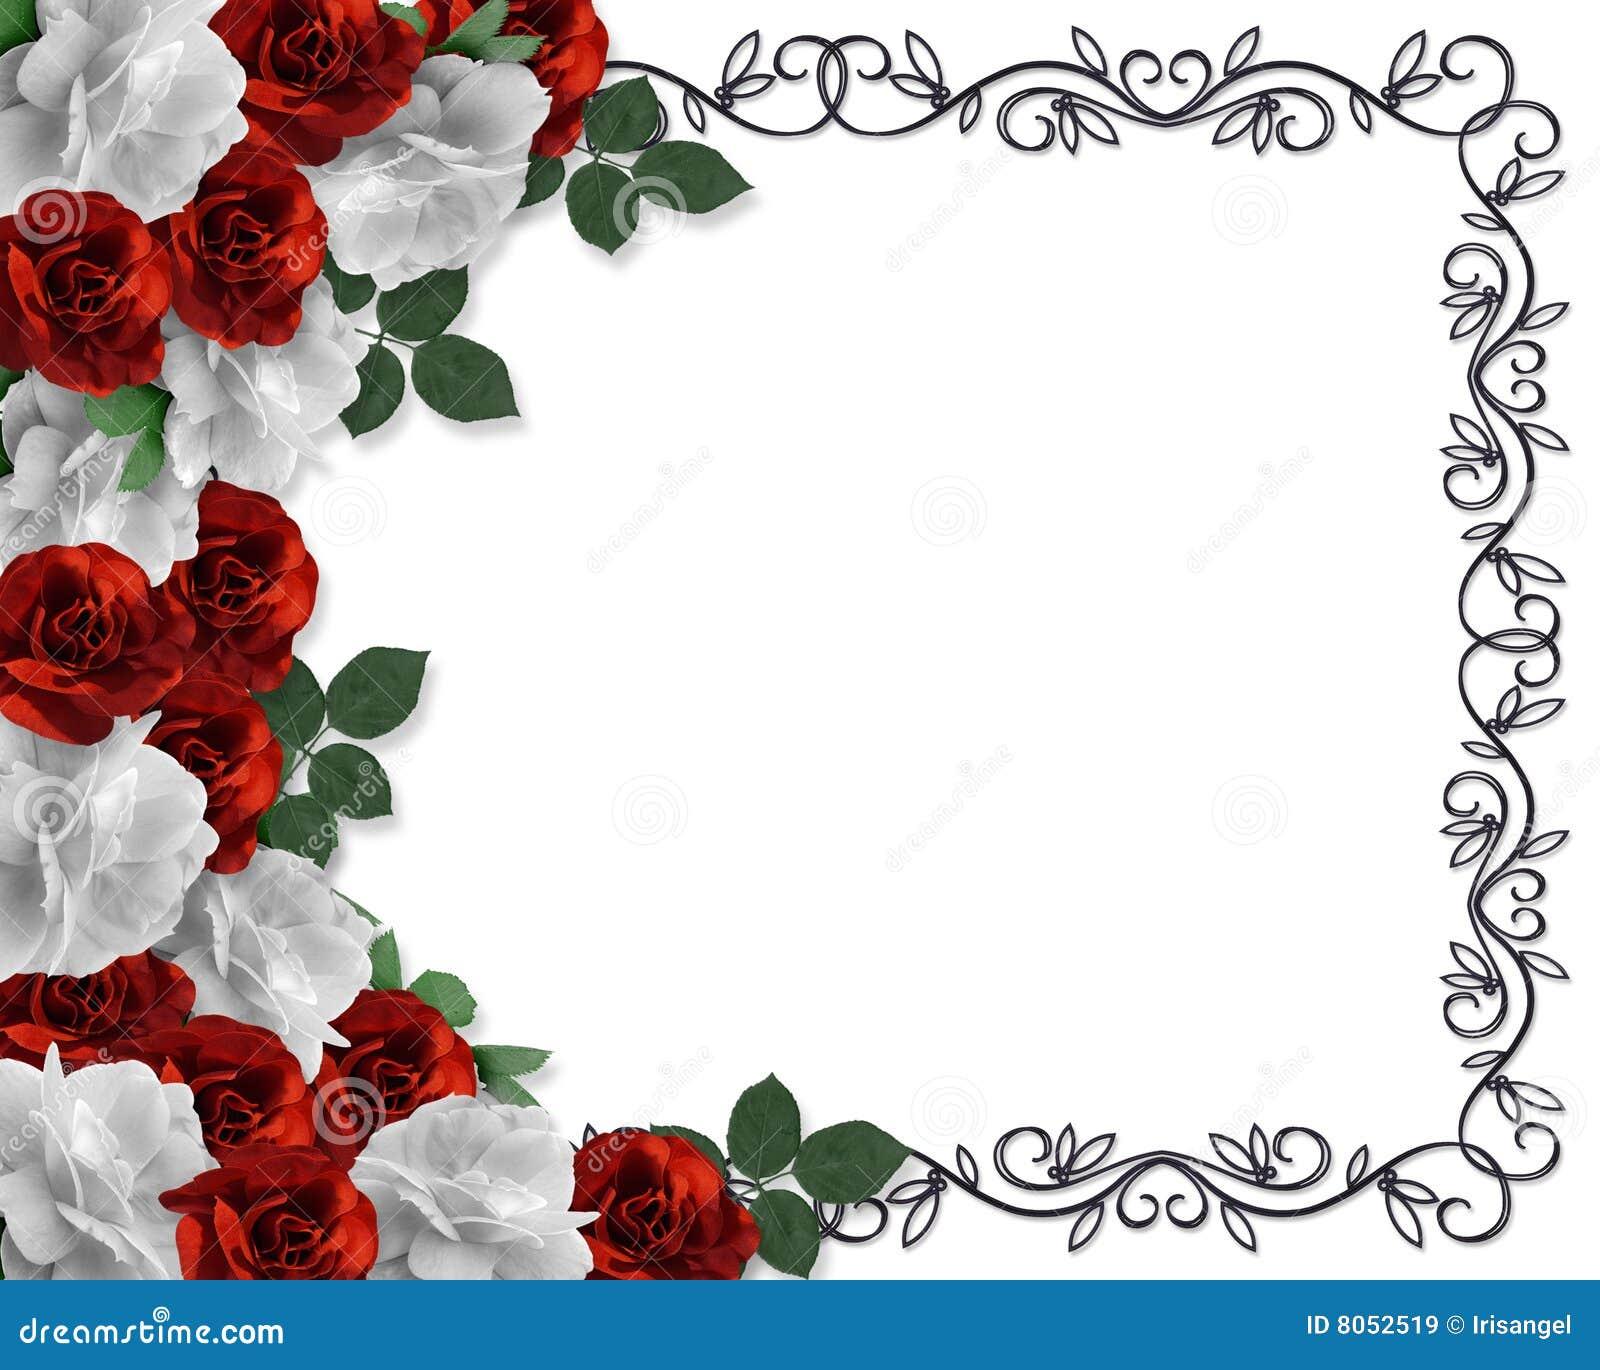 婚姻边界装饰红色的玫瑰